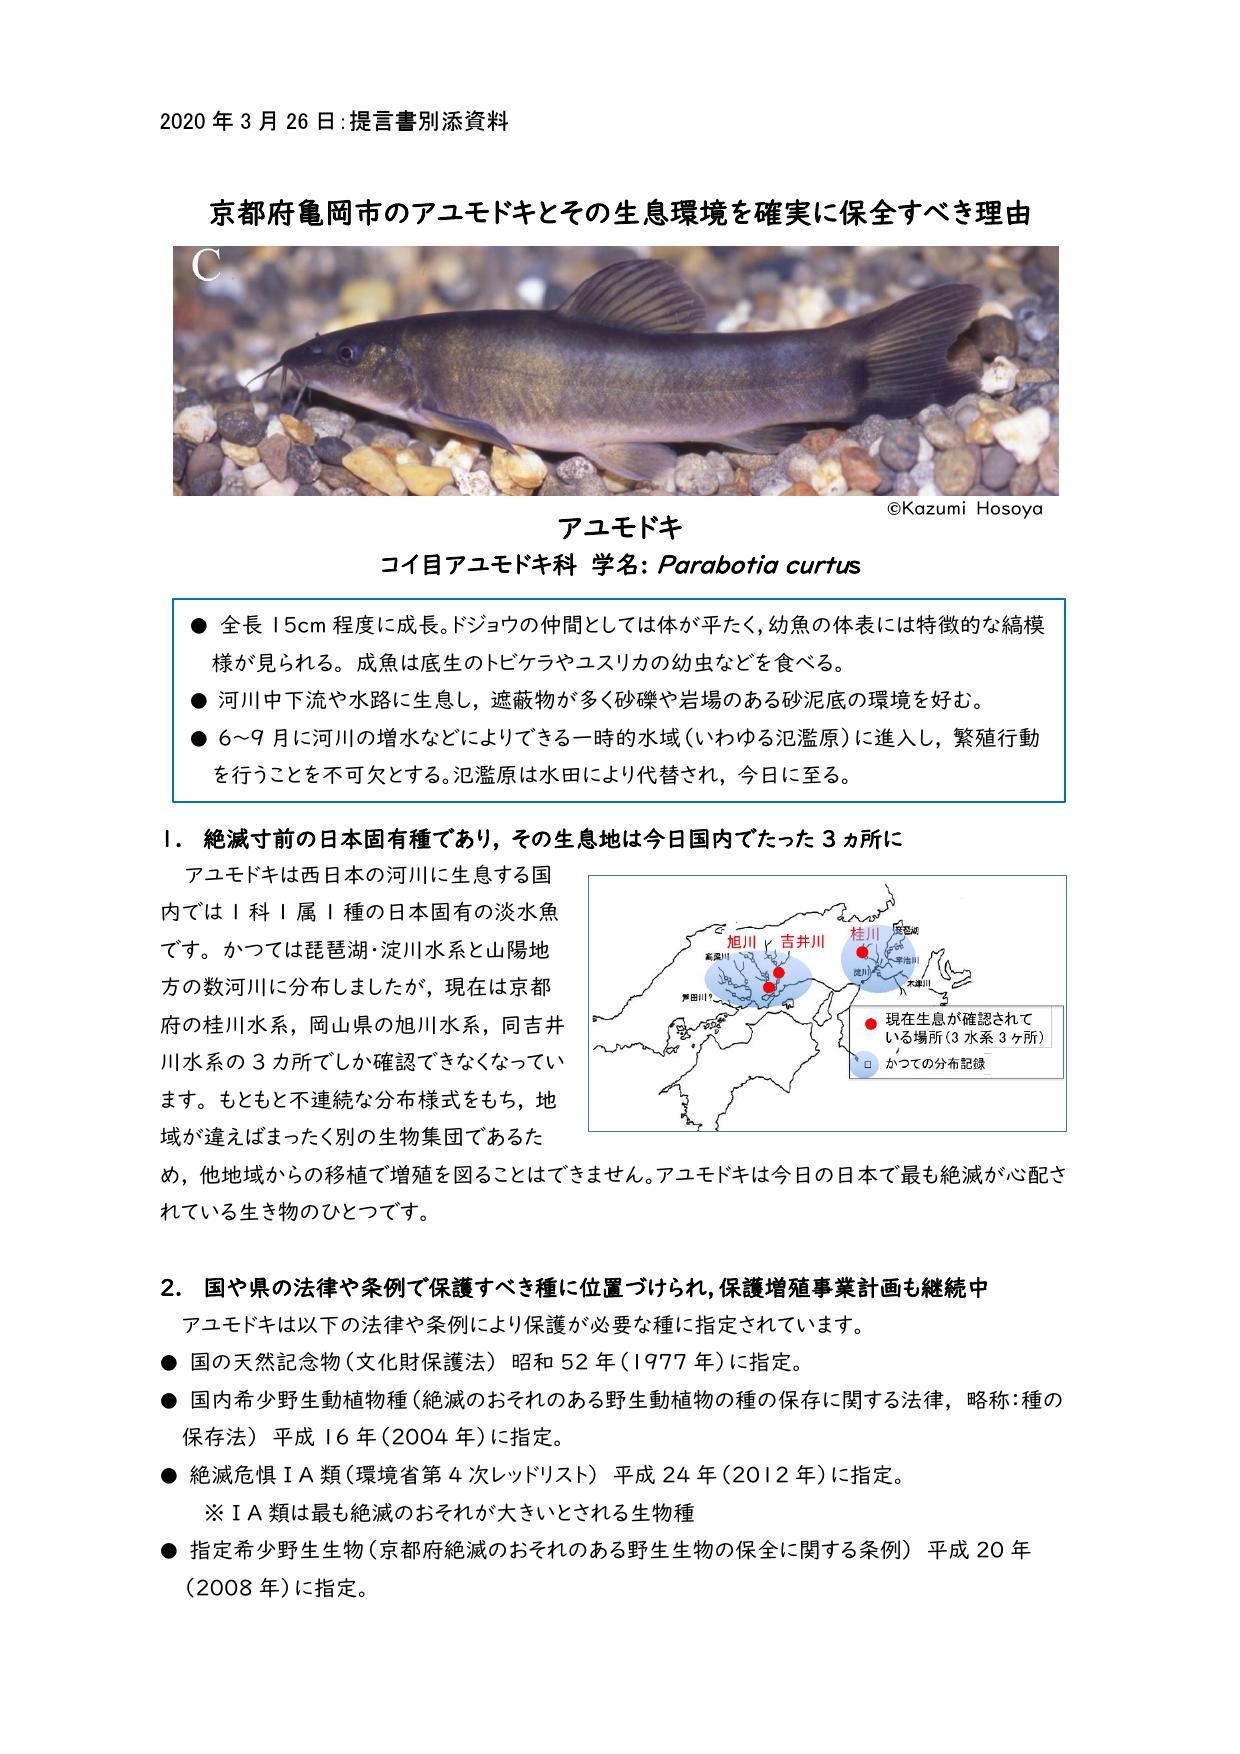 アユモドキ提言書別添資料1